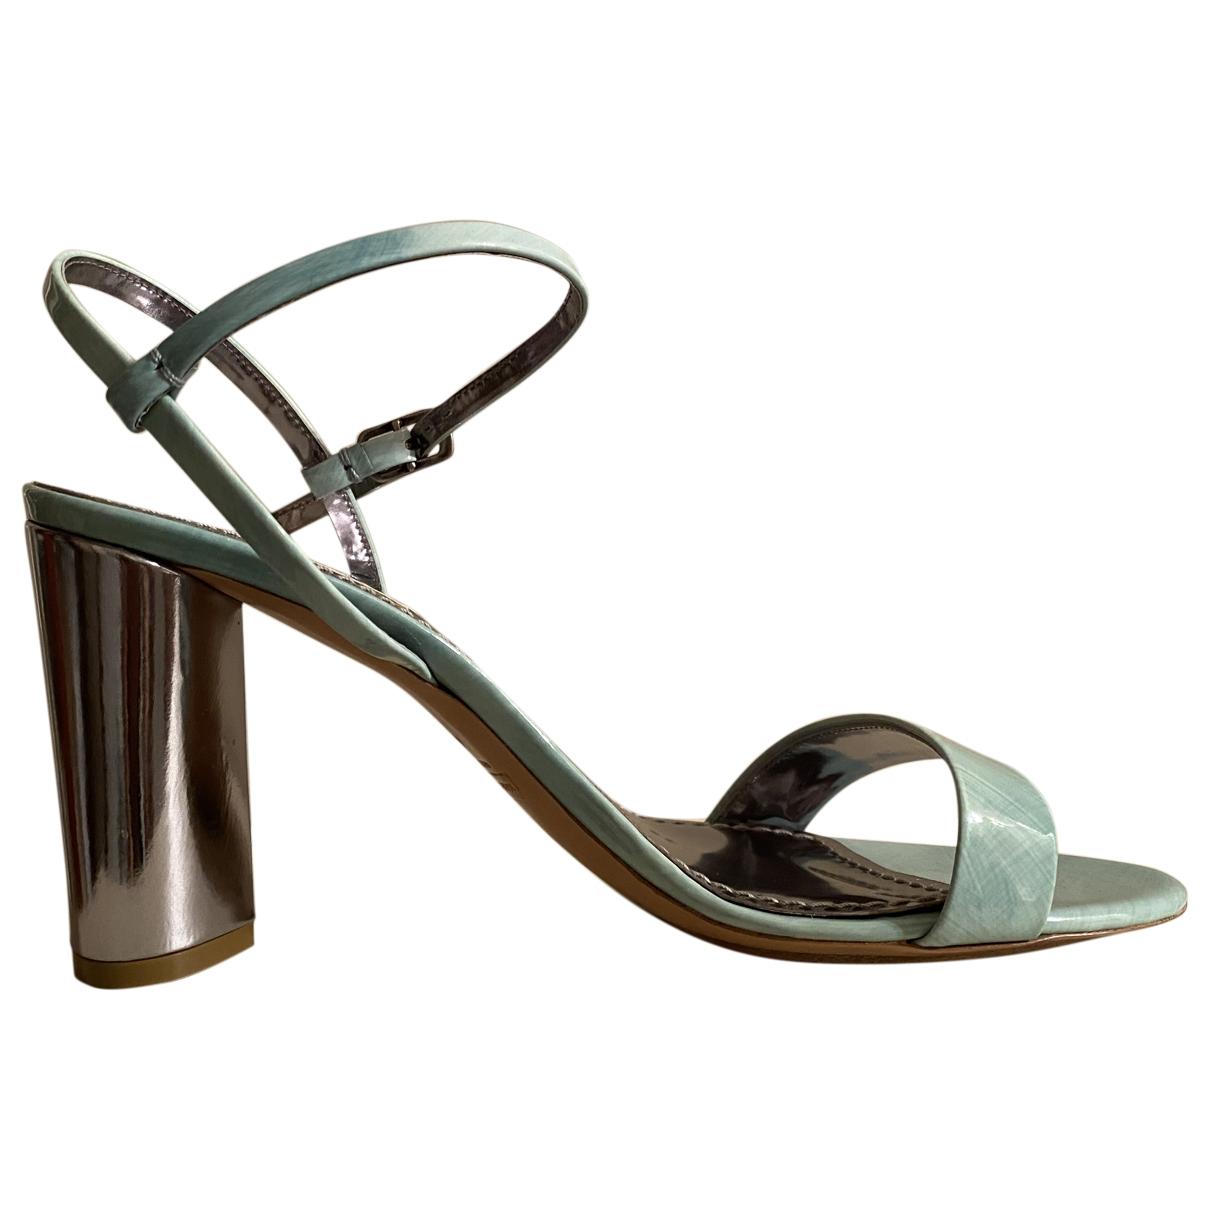 Marc Jacobs - Sandales   pour femme en cuir verni - turquoise